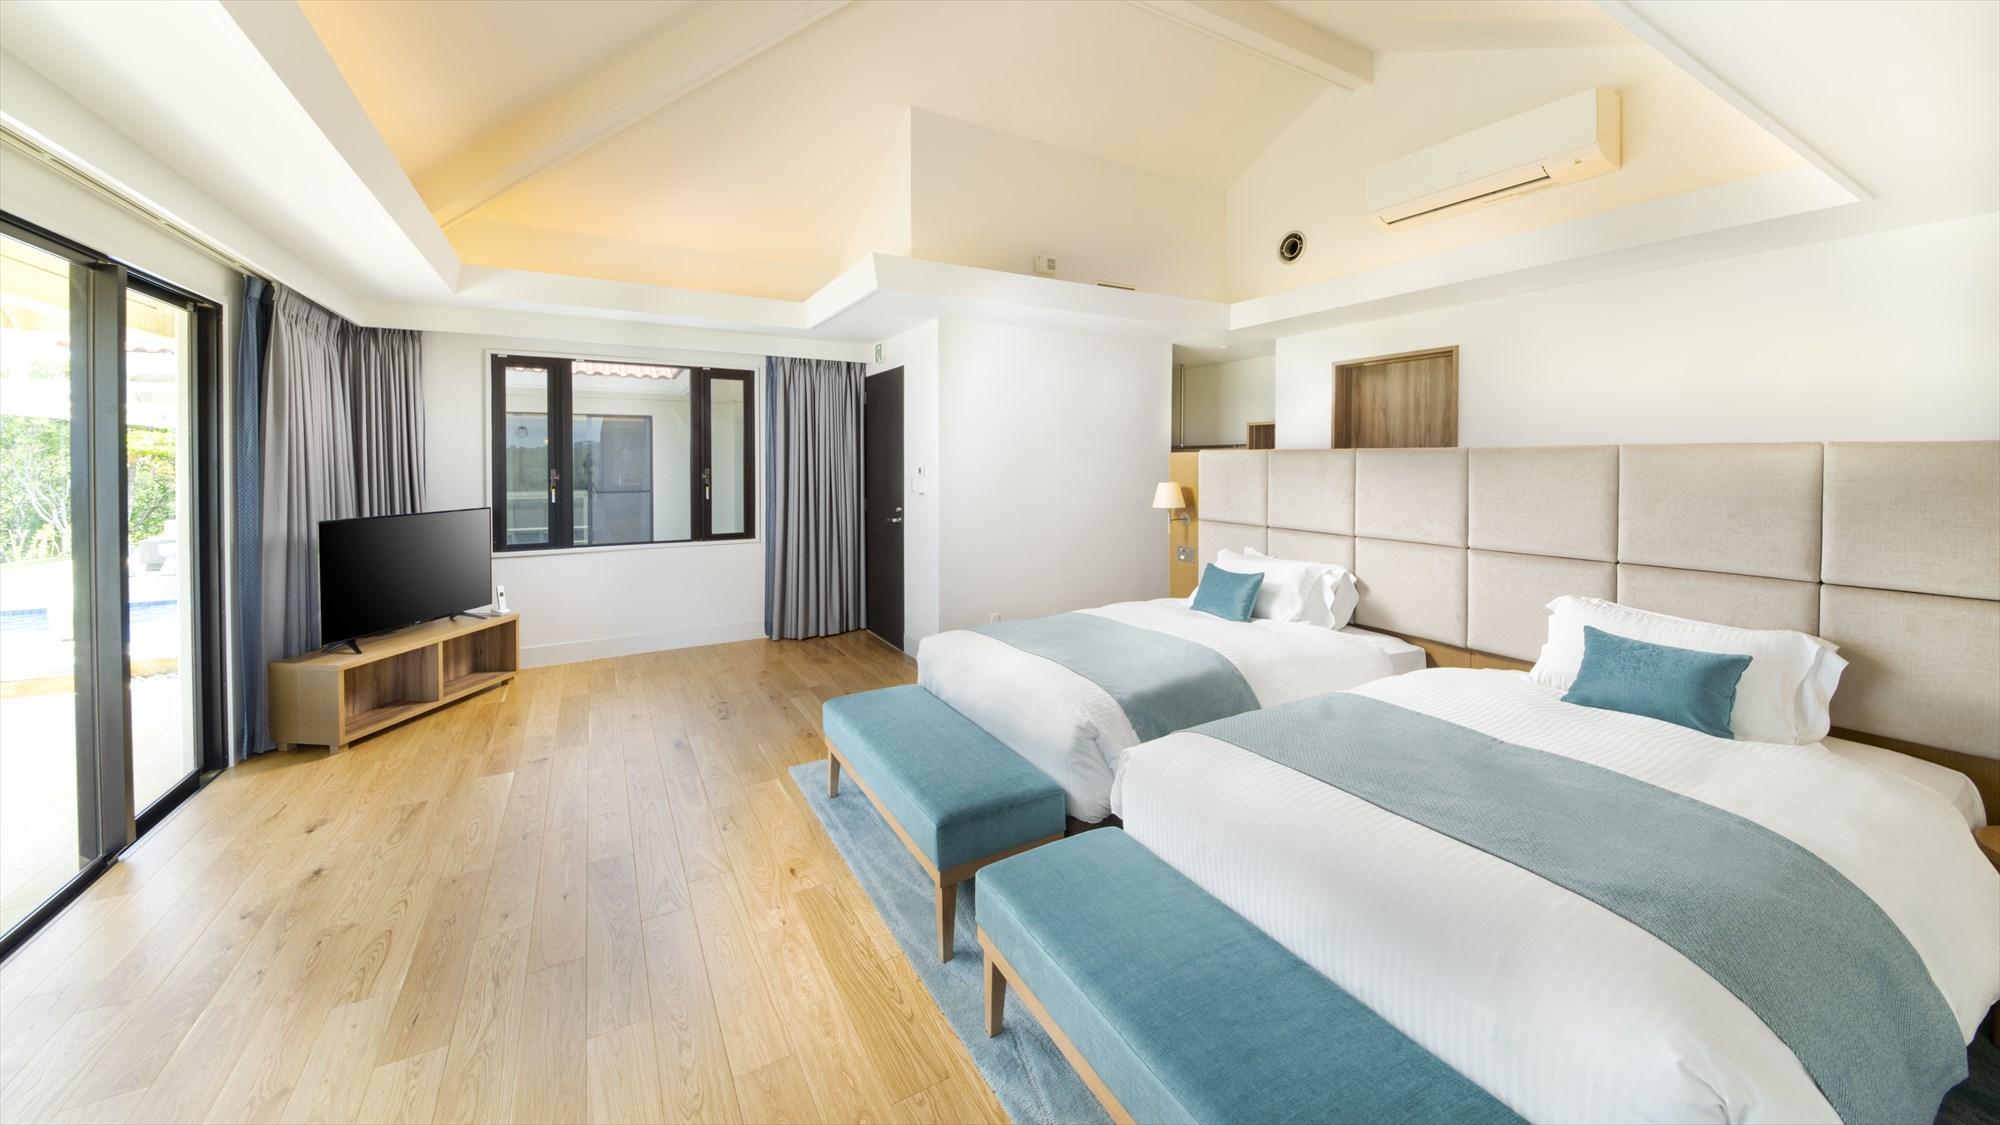 【プレミアムコテージJINWA】ベッドルーム(ツイン2室・4〜5名1室)